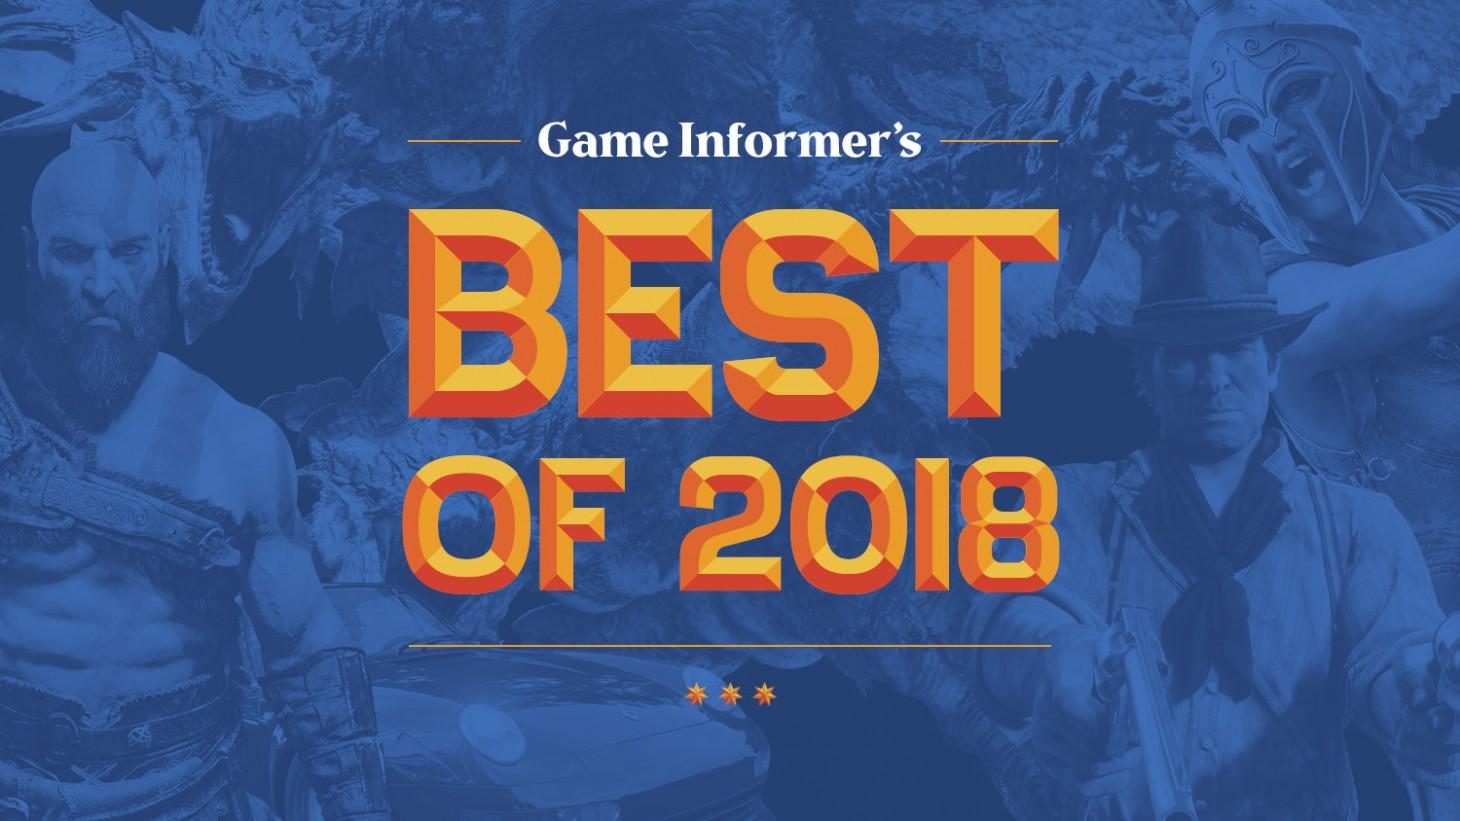 Game Informer's Best Of 2018 Awards - Game Informer